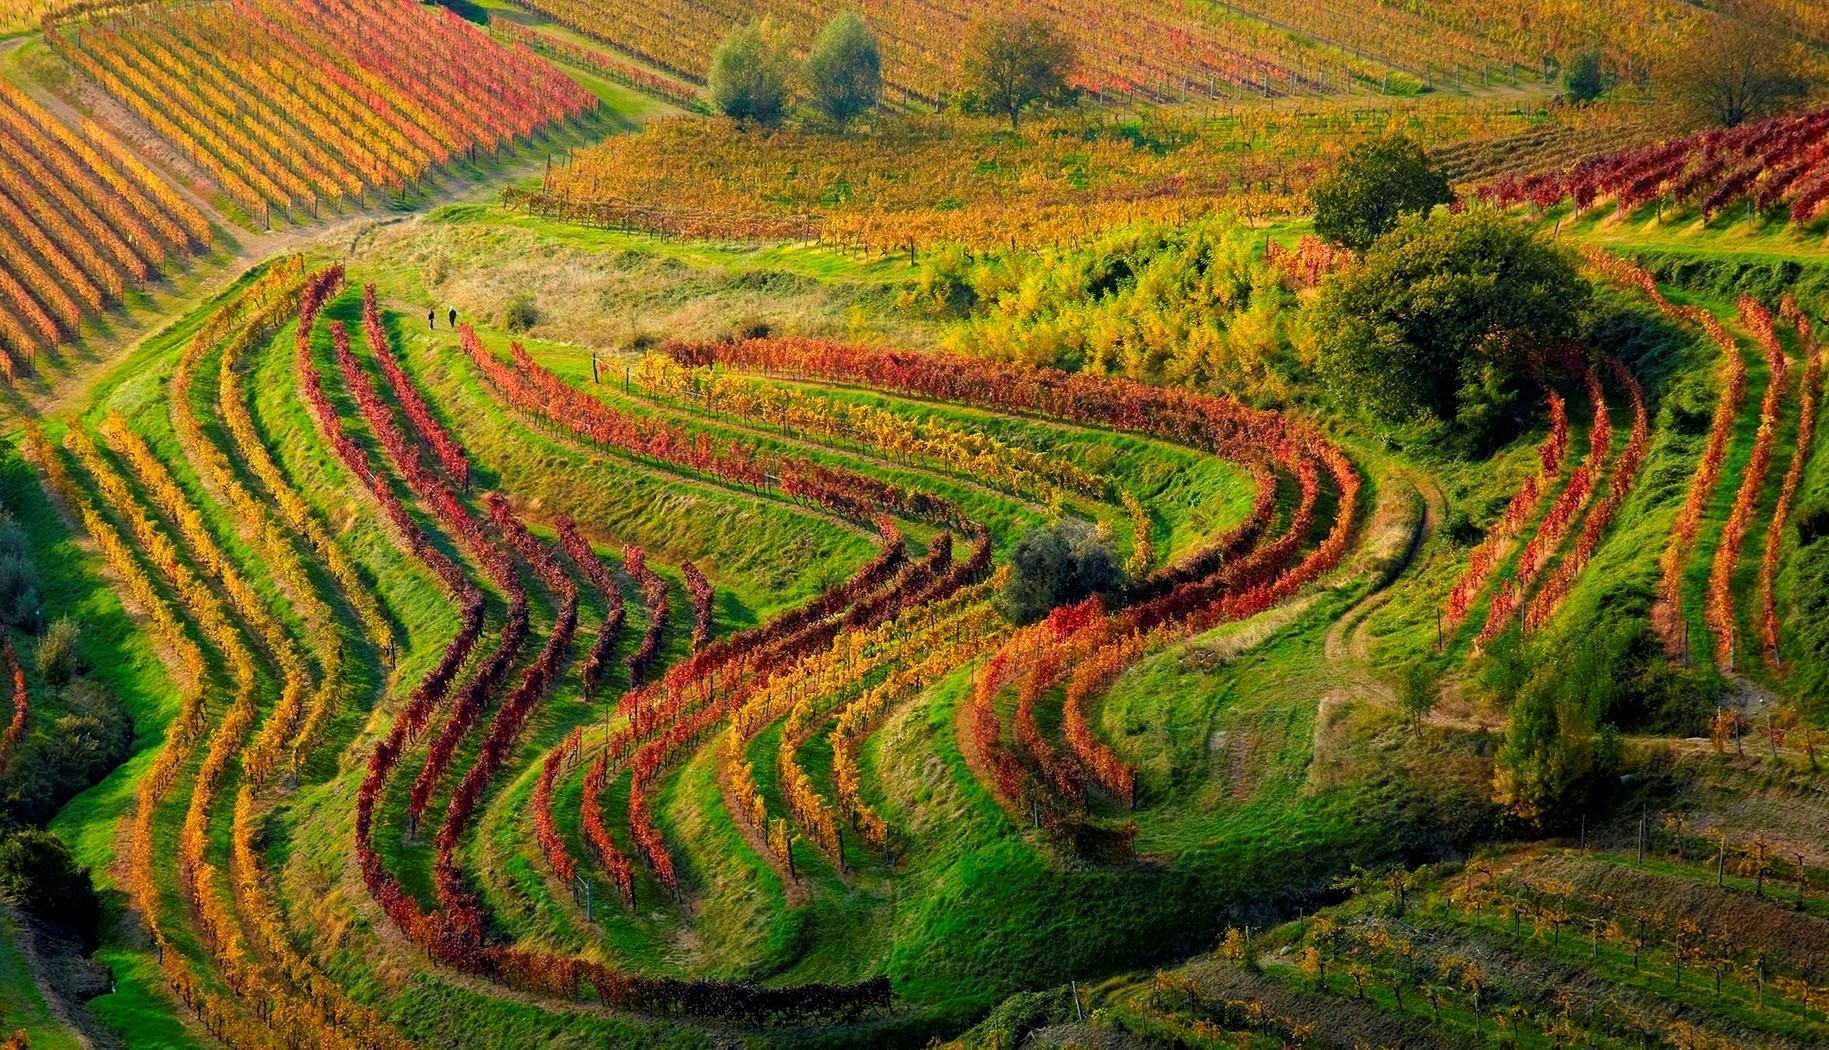 Il Consorzio Tutela Vini Friuli Venezia Giulia è formalmente riconosciuto